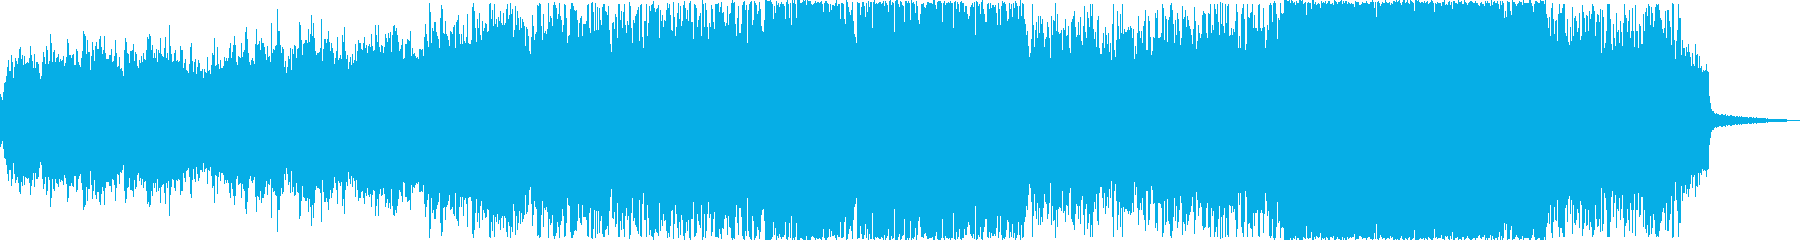 鮮やかで幻想的な映像、CMにの再生済みの波形